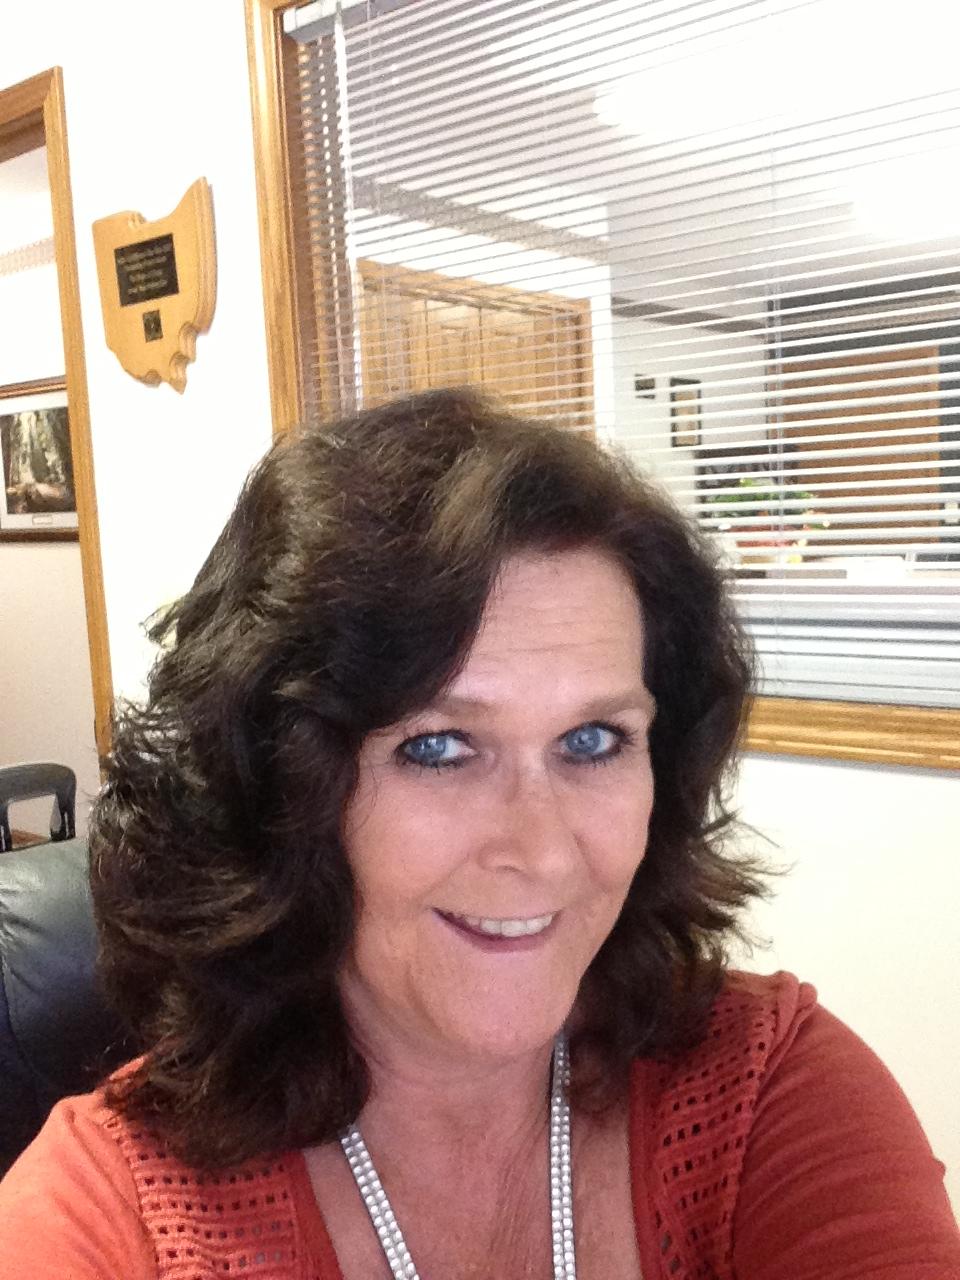 Kimberly Tingley TINGLEY TAX PREPARATION LLC